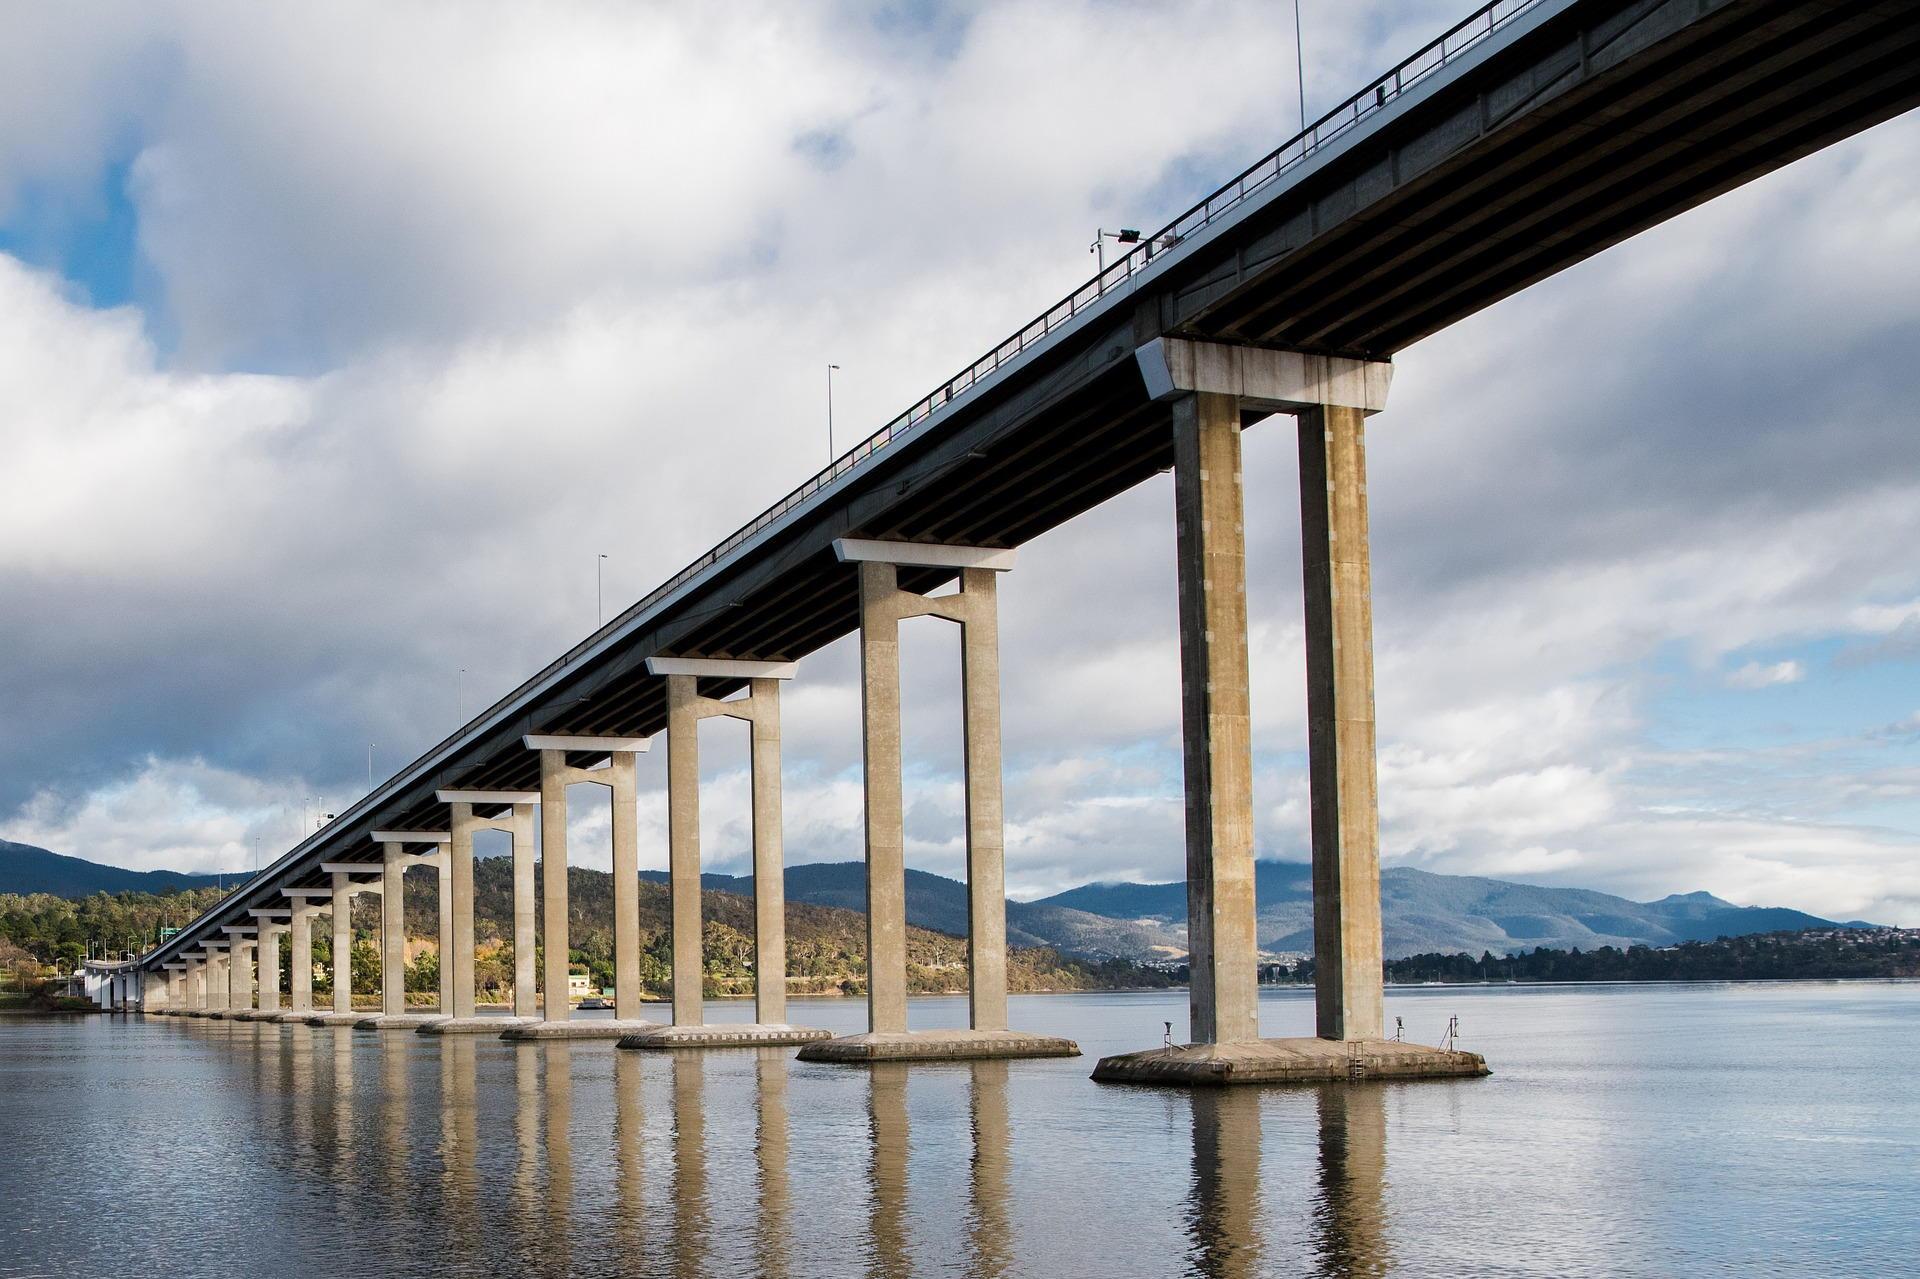 Tasman Bridge - Image by pen_ash